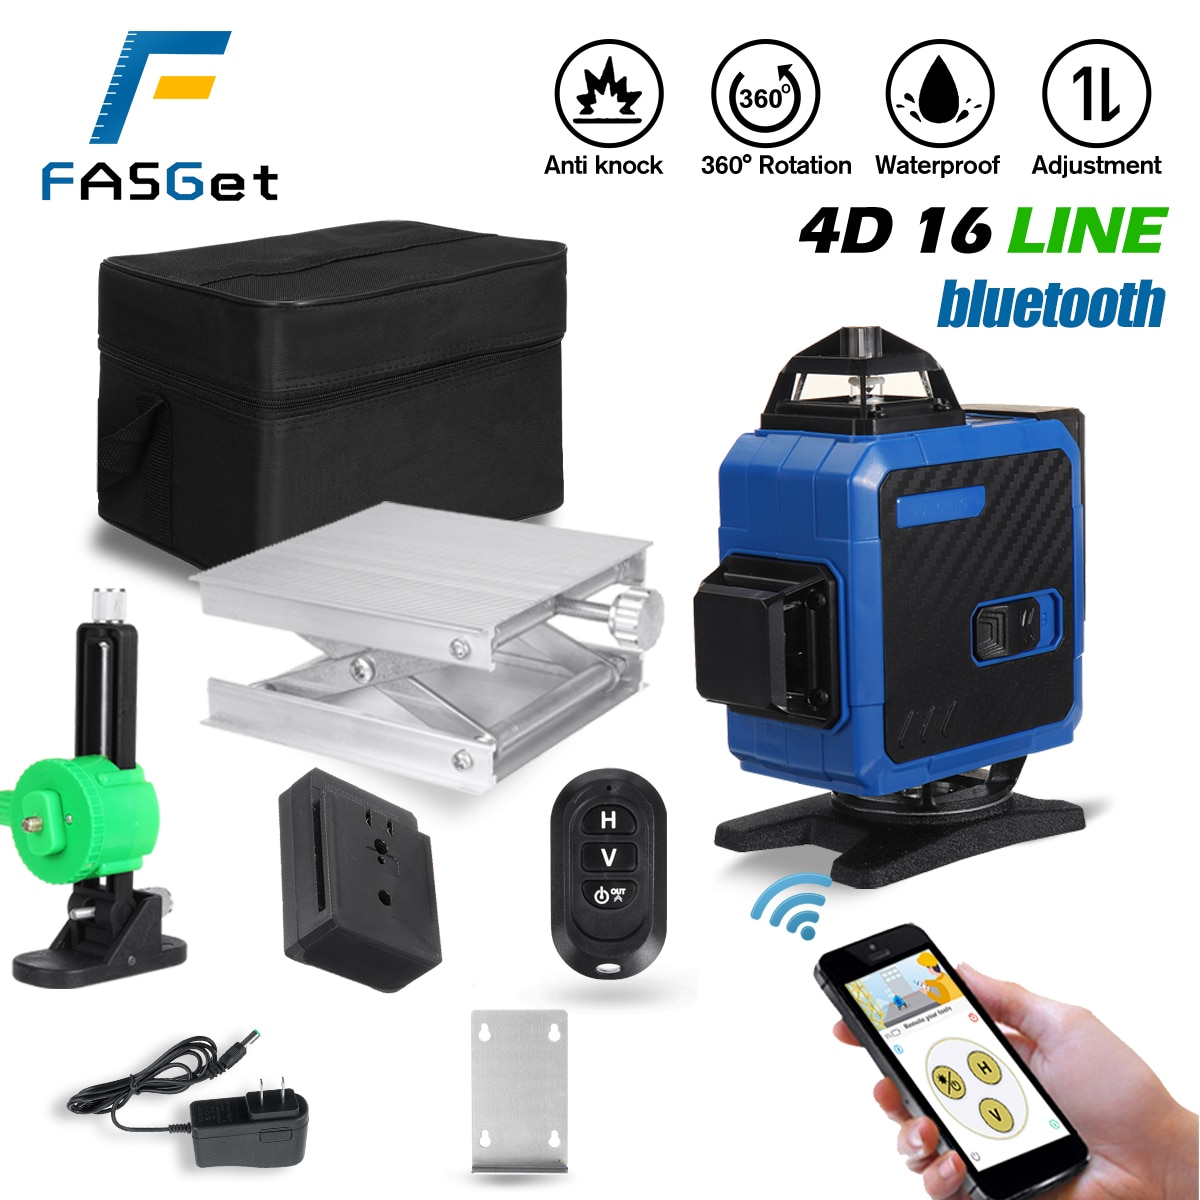 FASGet 16 خطوط 4D مستوى الليزر خط التسوية الذاتية 360 الأفقي والرأسي بلوتوث التحكم مستوى الليزر شعاع مستوى الليزر